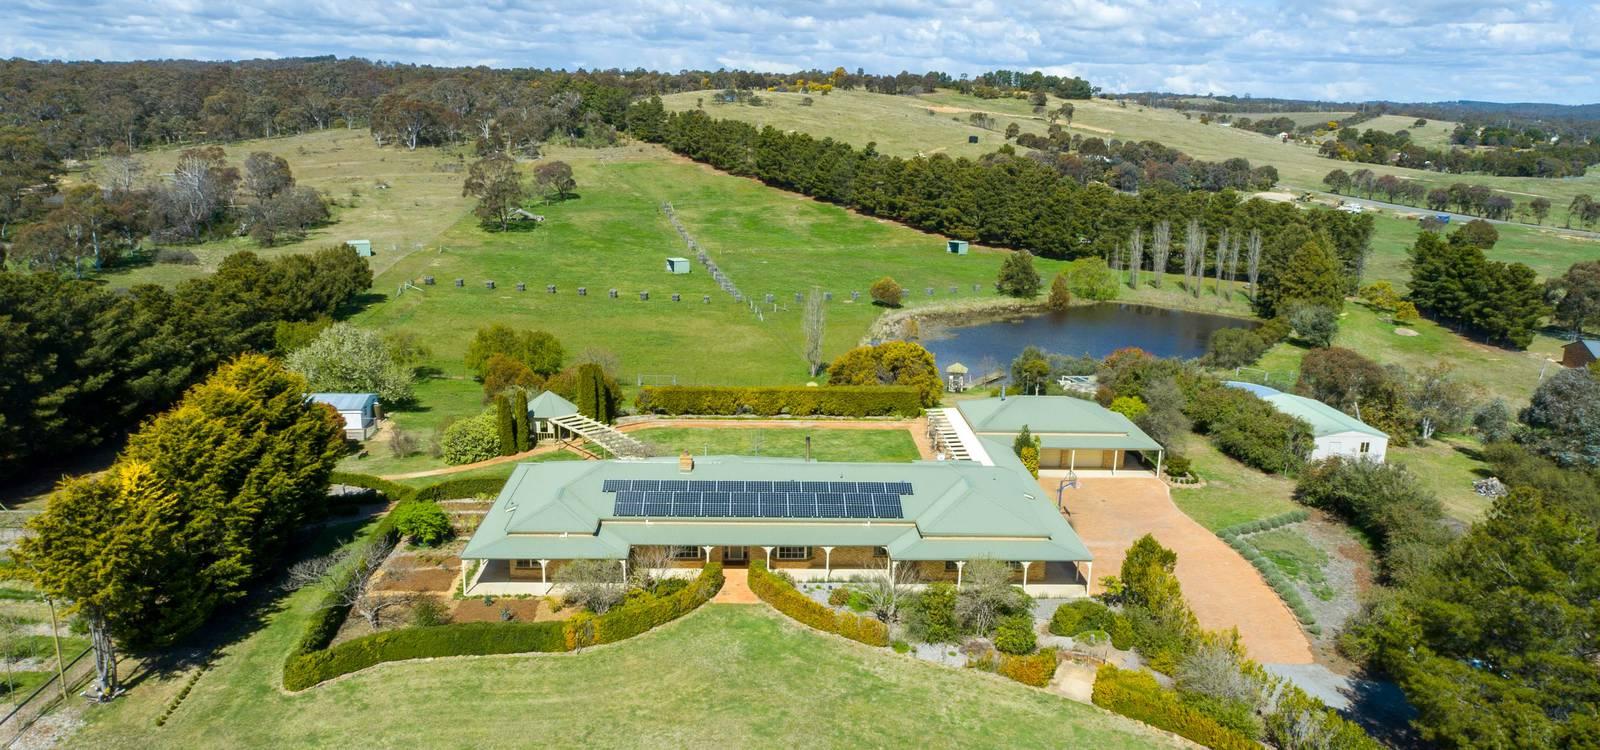 94 Weeroona Drive WAMBOIN, NSW 2620 - photo 1